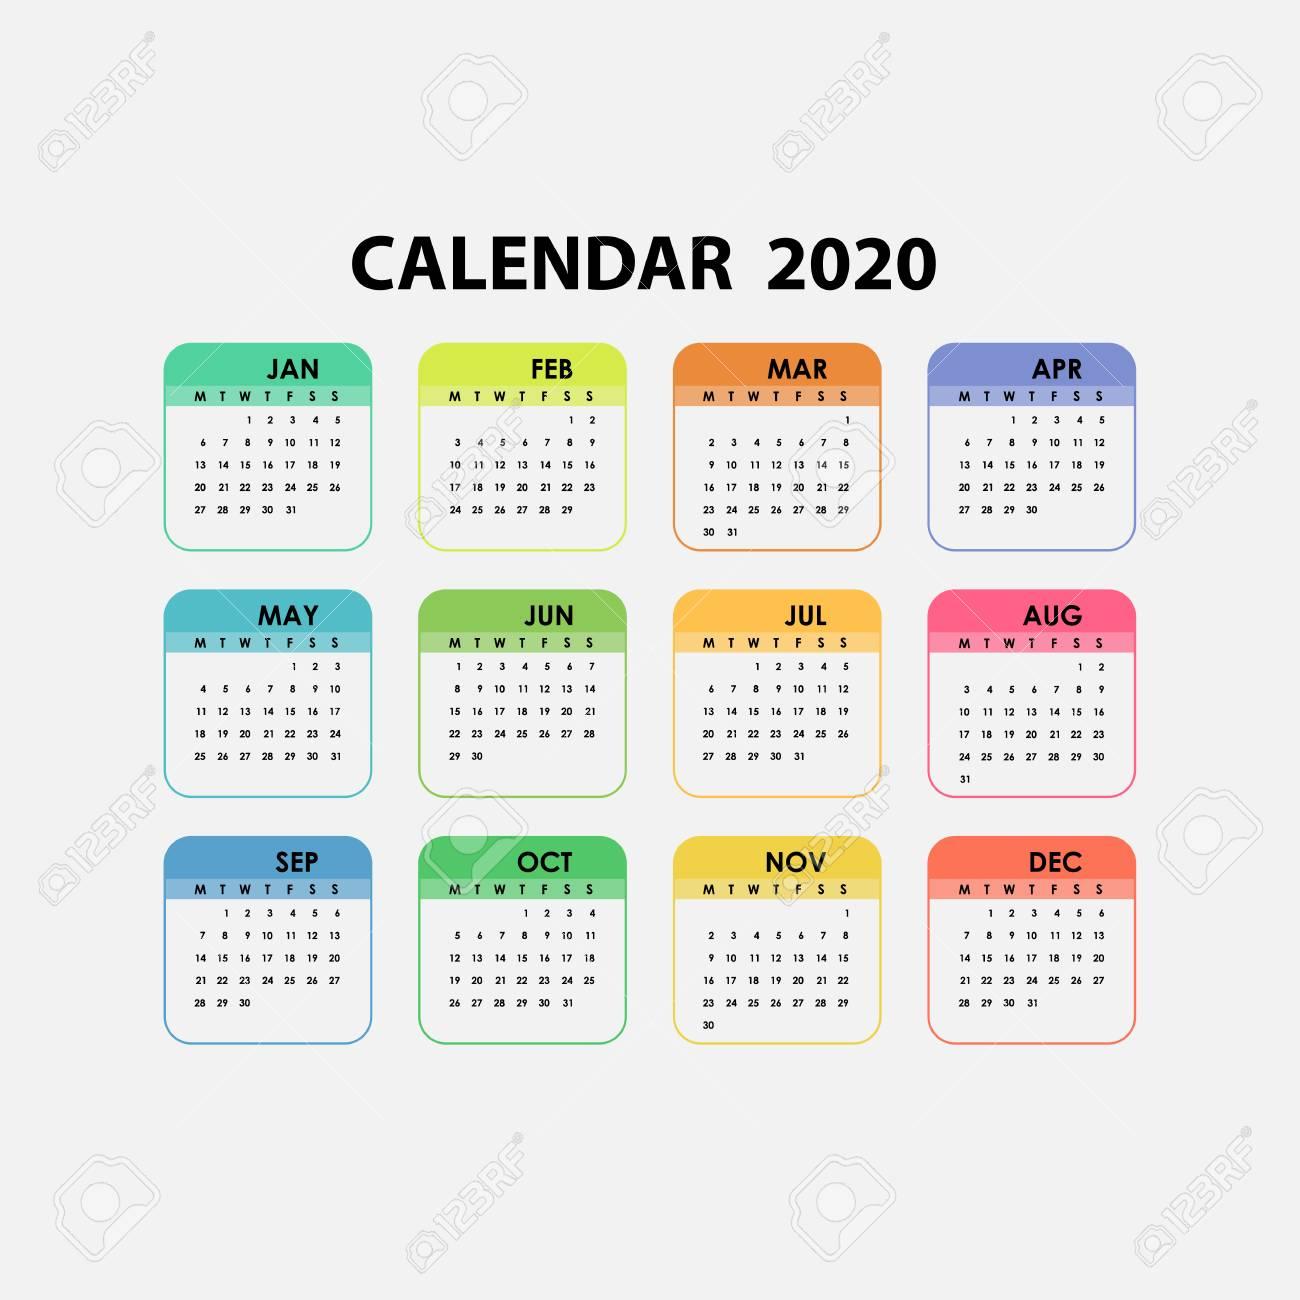 2020 Calendar Template.calendar 2020 Set Of 12 Months.yearly